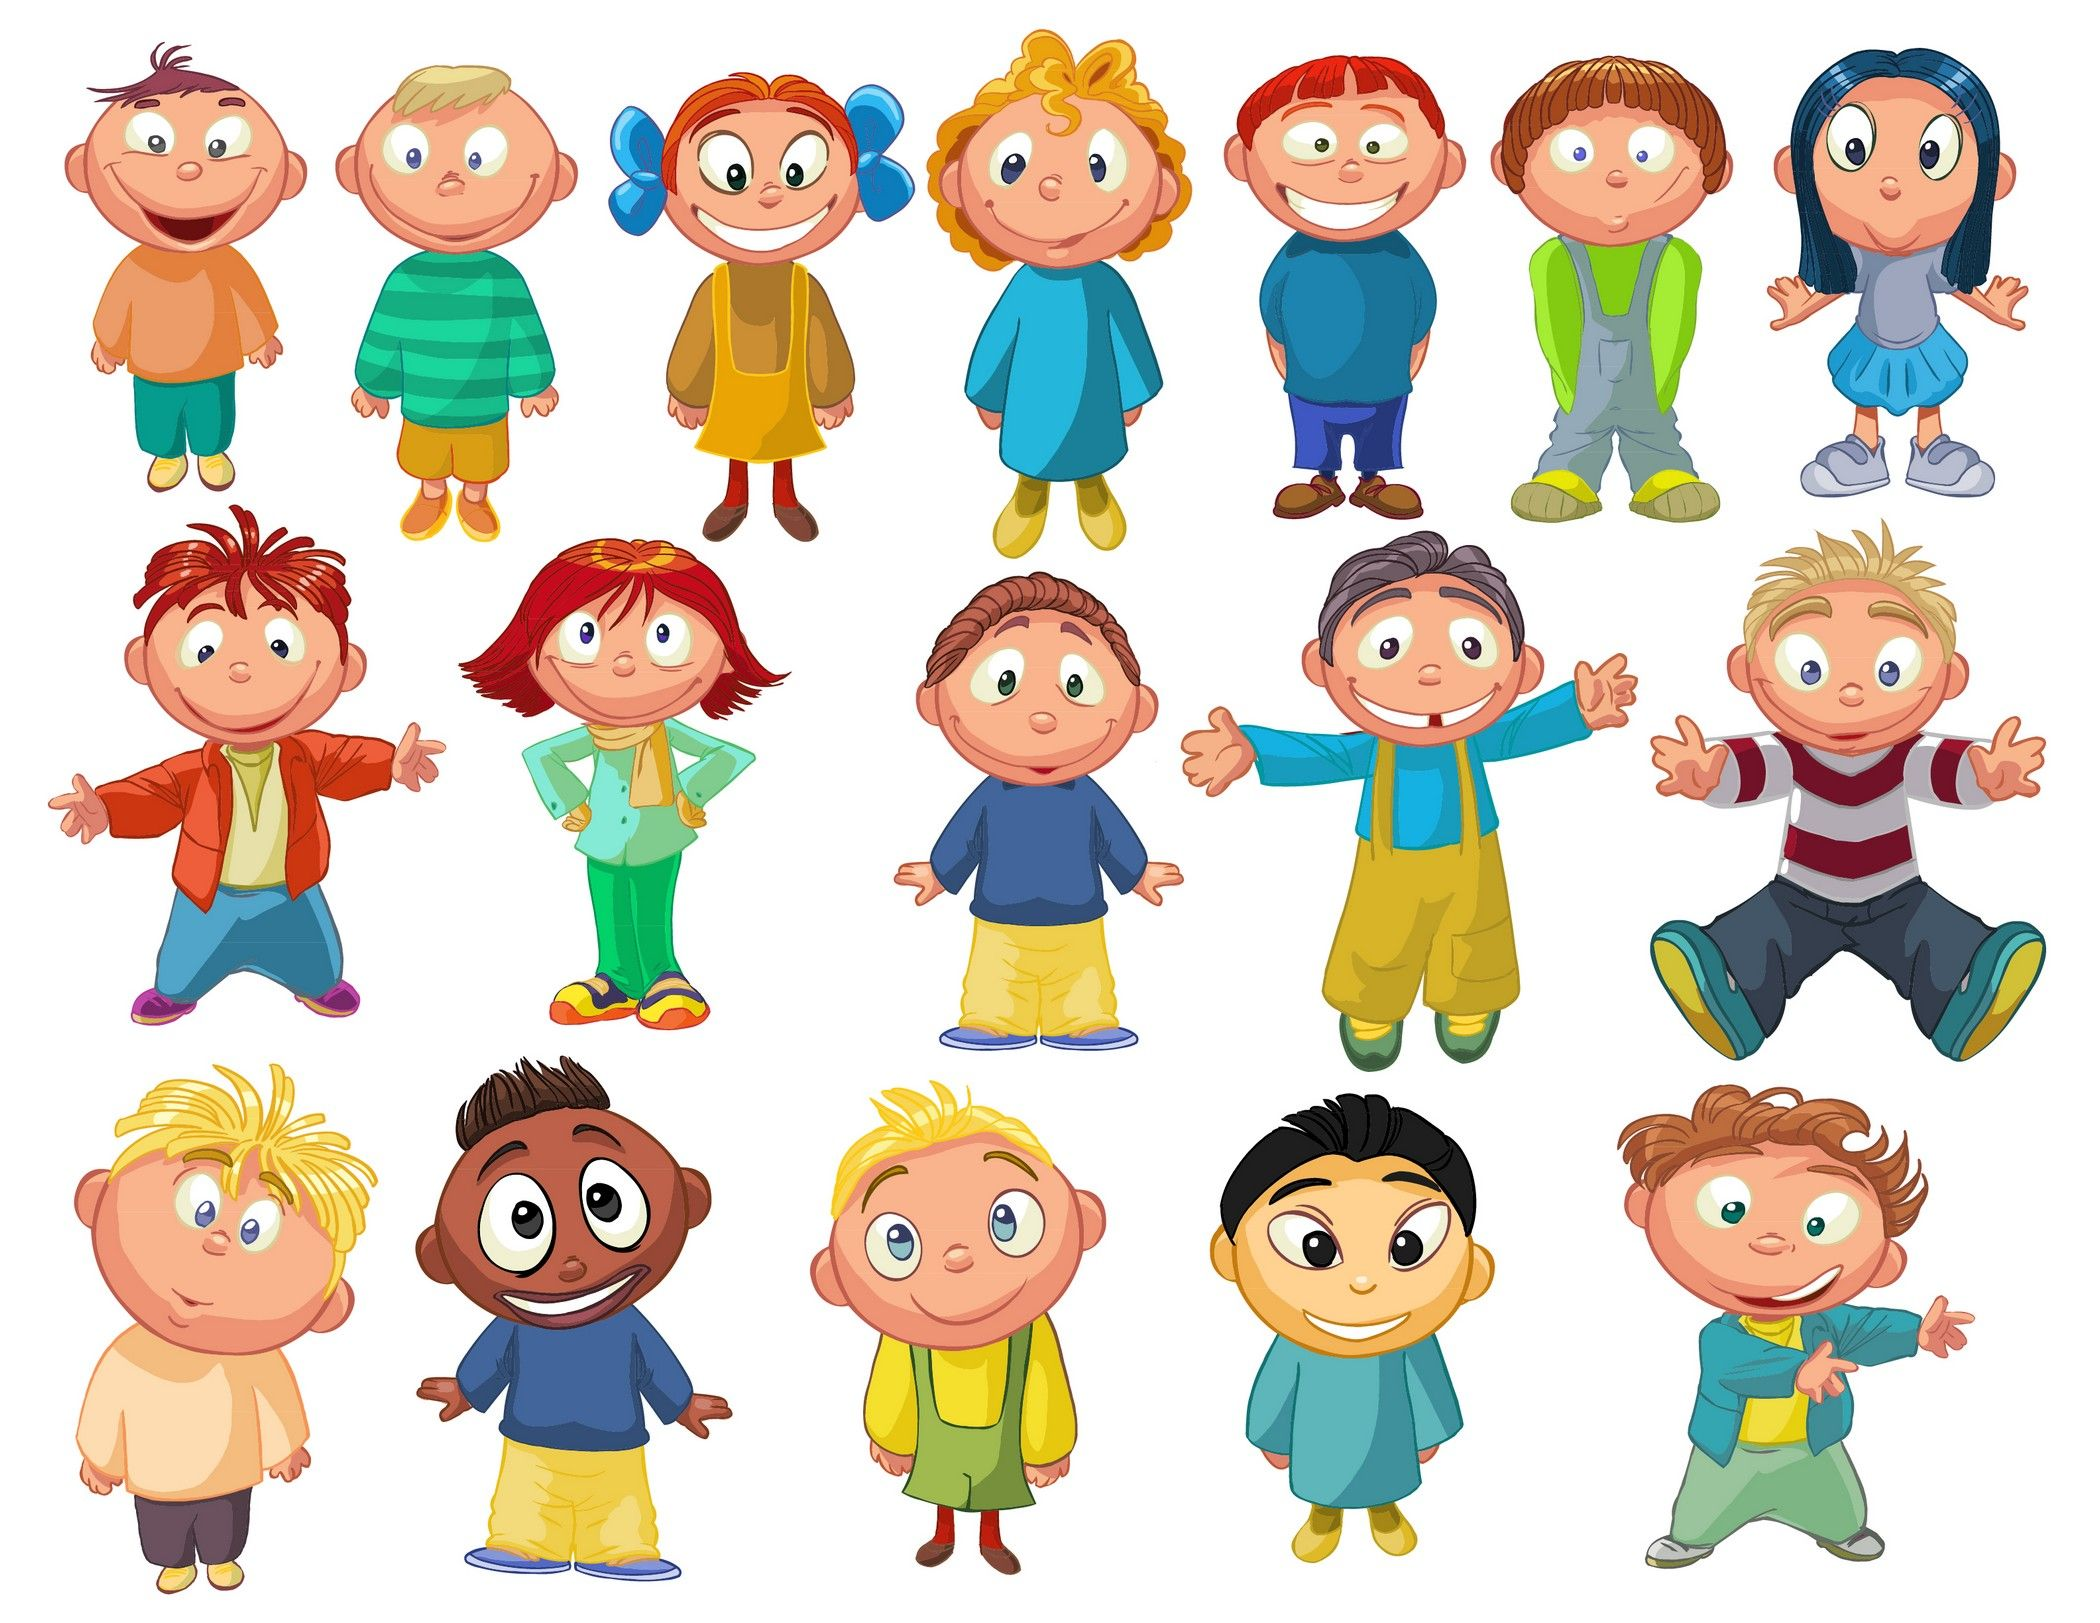 Characters clipart children's. Cartoon children kids people